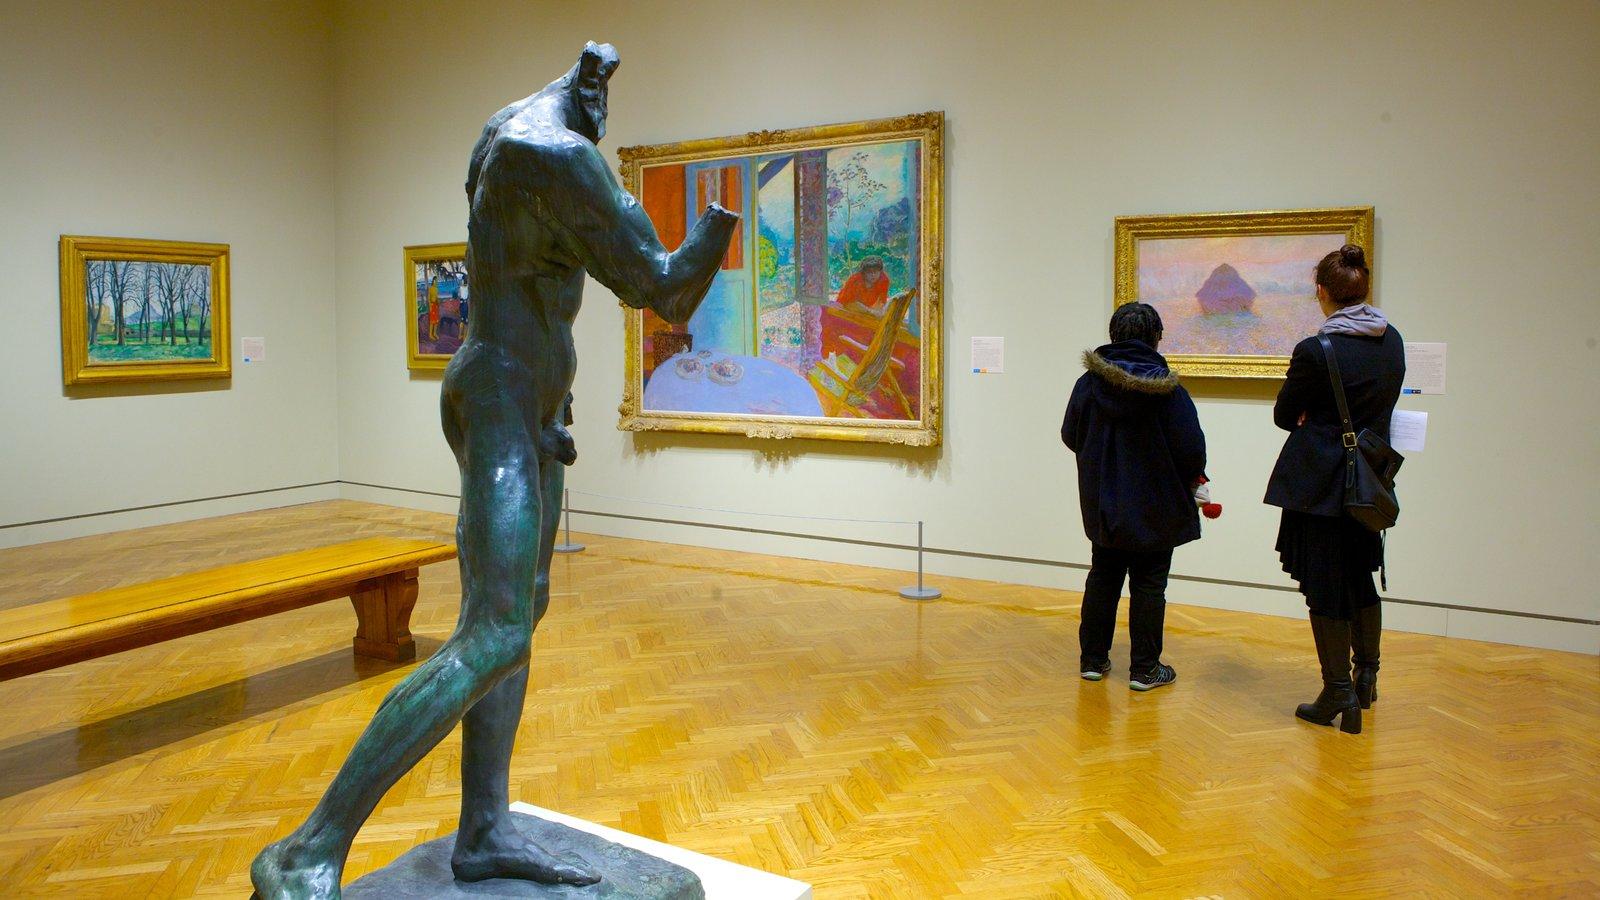 Minneapolis Institute of Arts caracterizando vistas internas, uma estátua ou escultura e arte